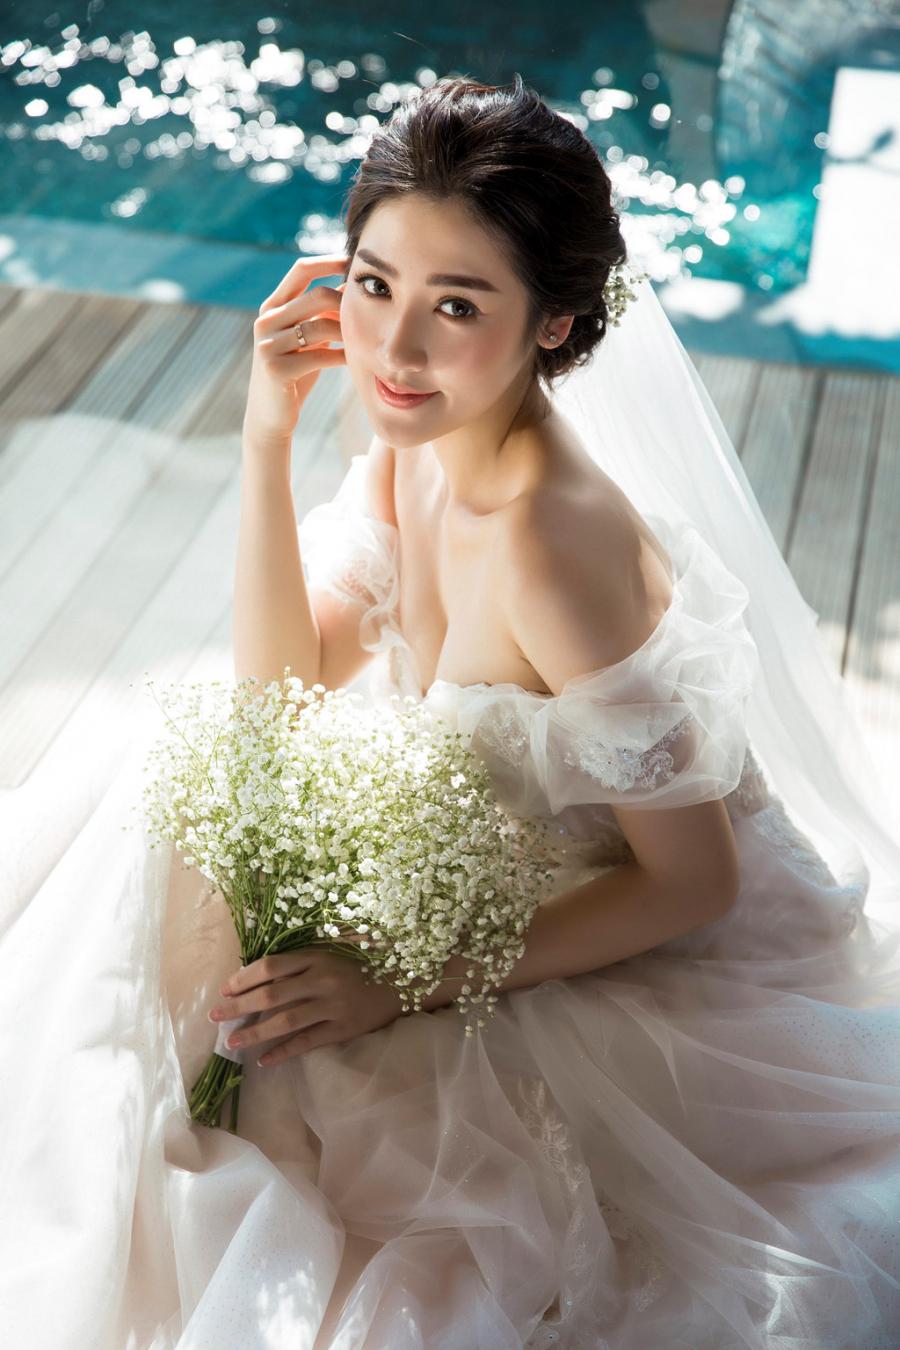 Á hậu Hoa hậu Việt Nam 2012 diện hai chiếc váy cưới trong buổi chụp. Trong bộ đầm cúp ngực, Tú Anh khoe khéo vóc dáng gợi cảm.